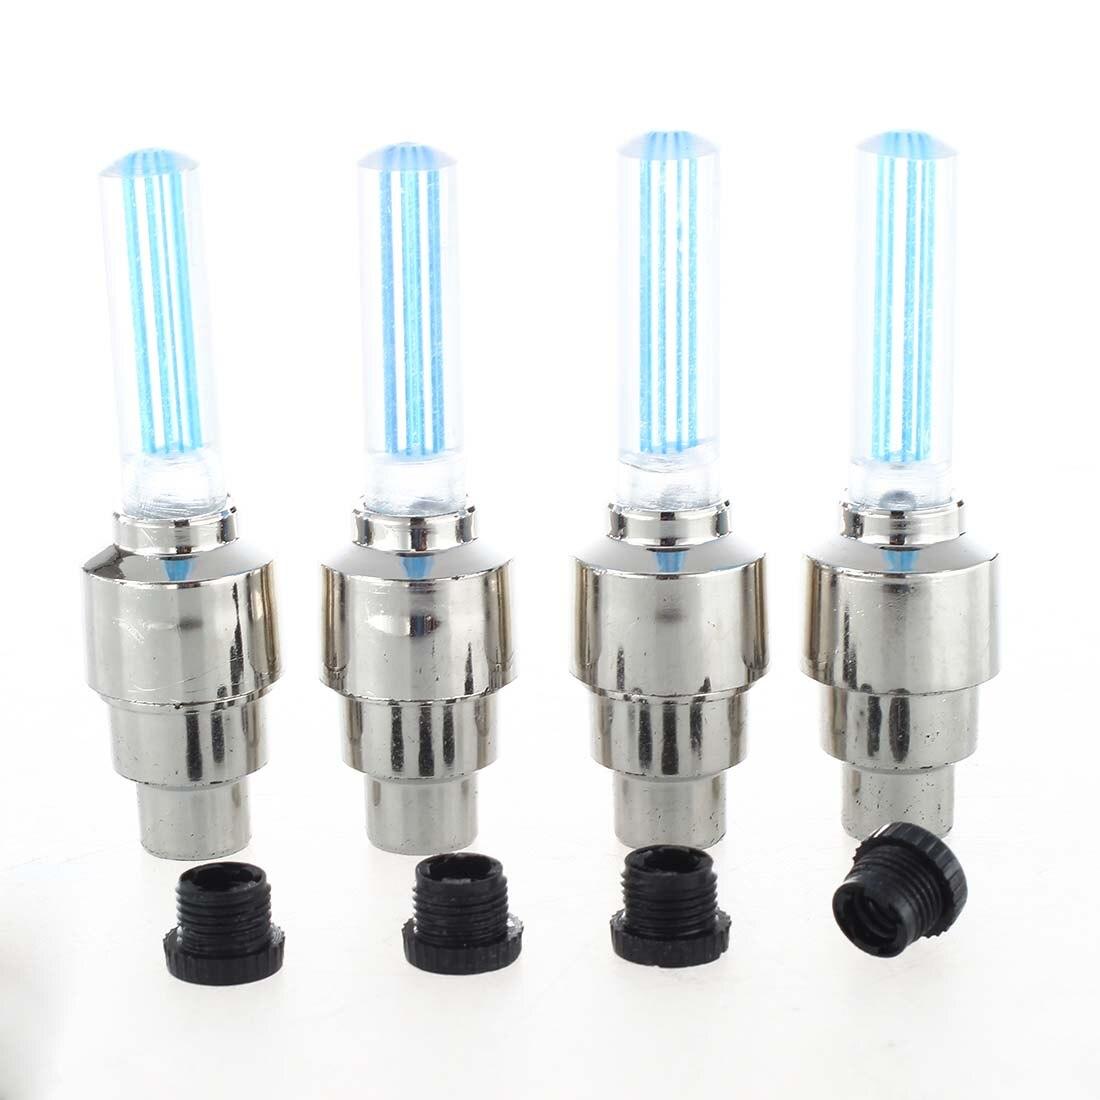 4 х Неон светодиодная вспышка света лампы велосипед автомобильных шин колес Клапан заглушки случайно отправить ...